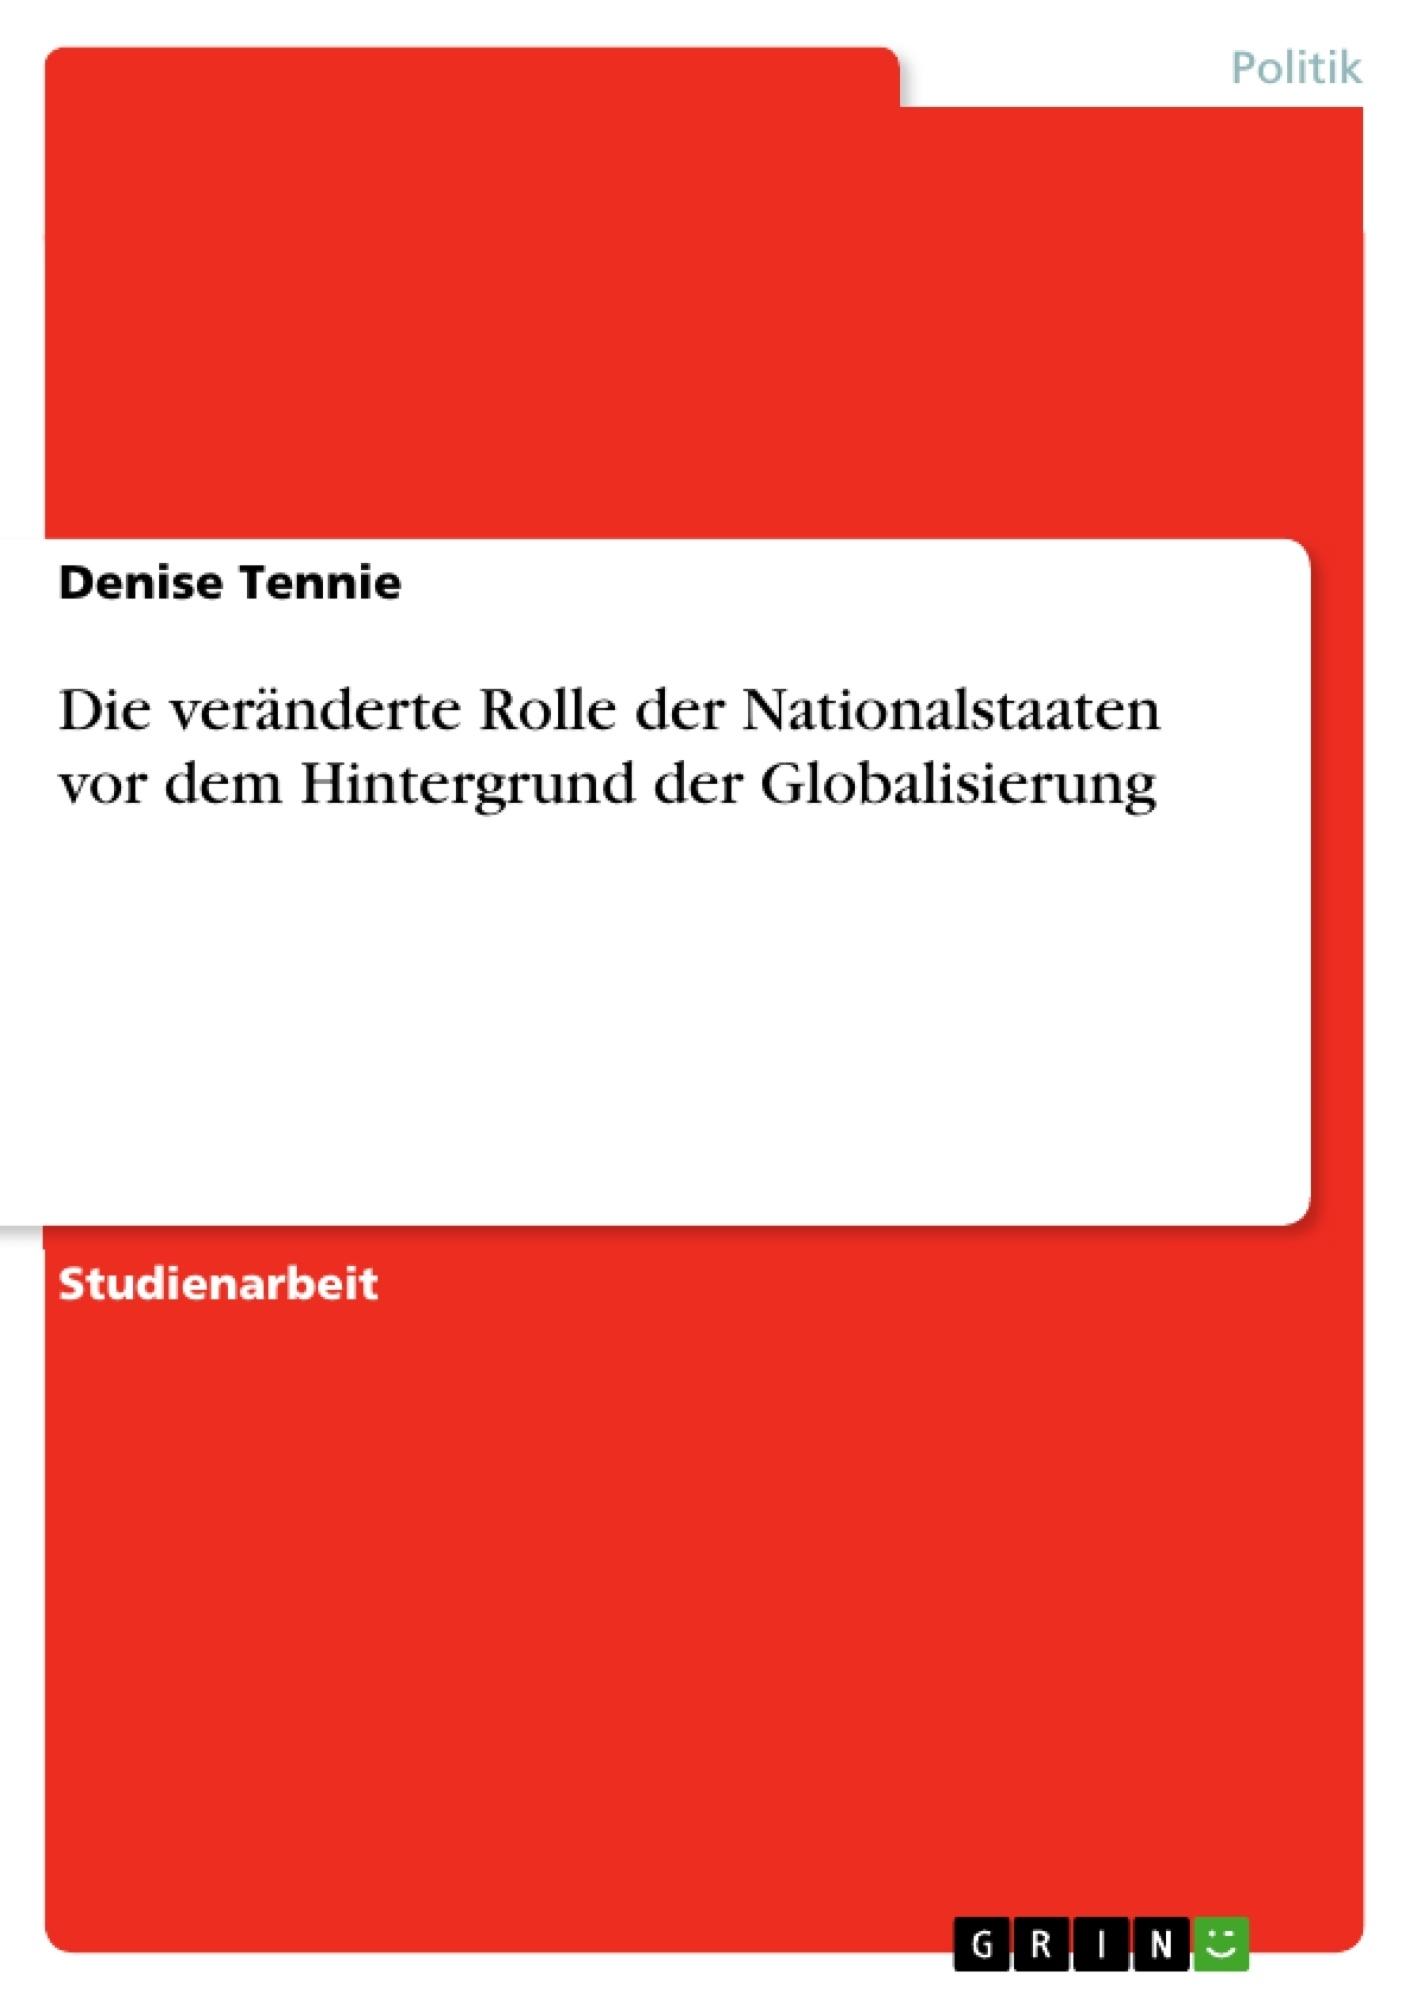 Titel: Die veränderte Rolle der Nationalstaaten vor dem Hintergrund der Globalisierung